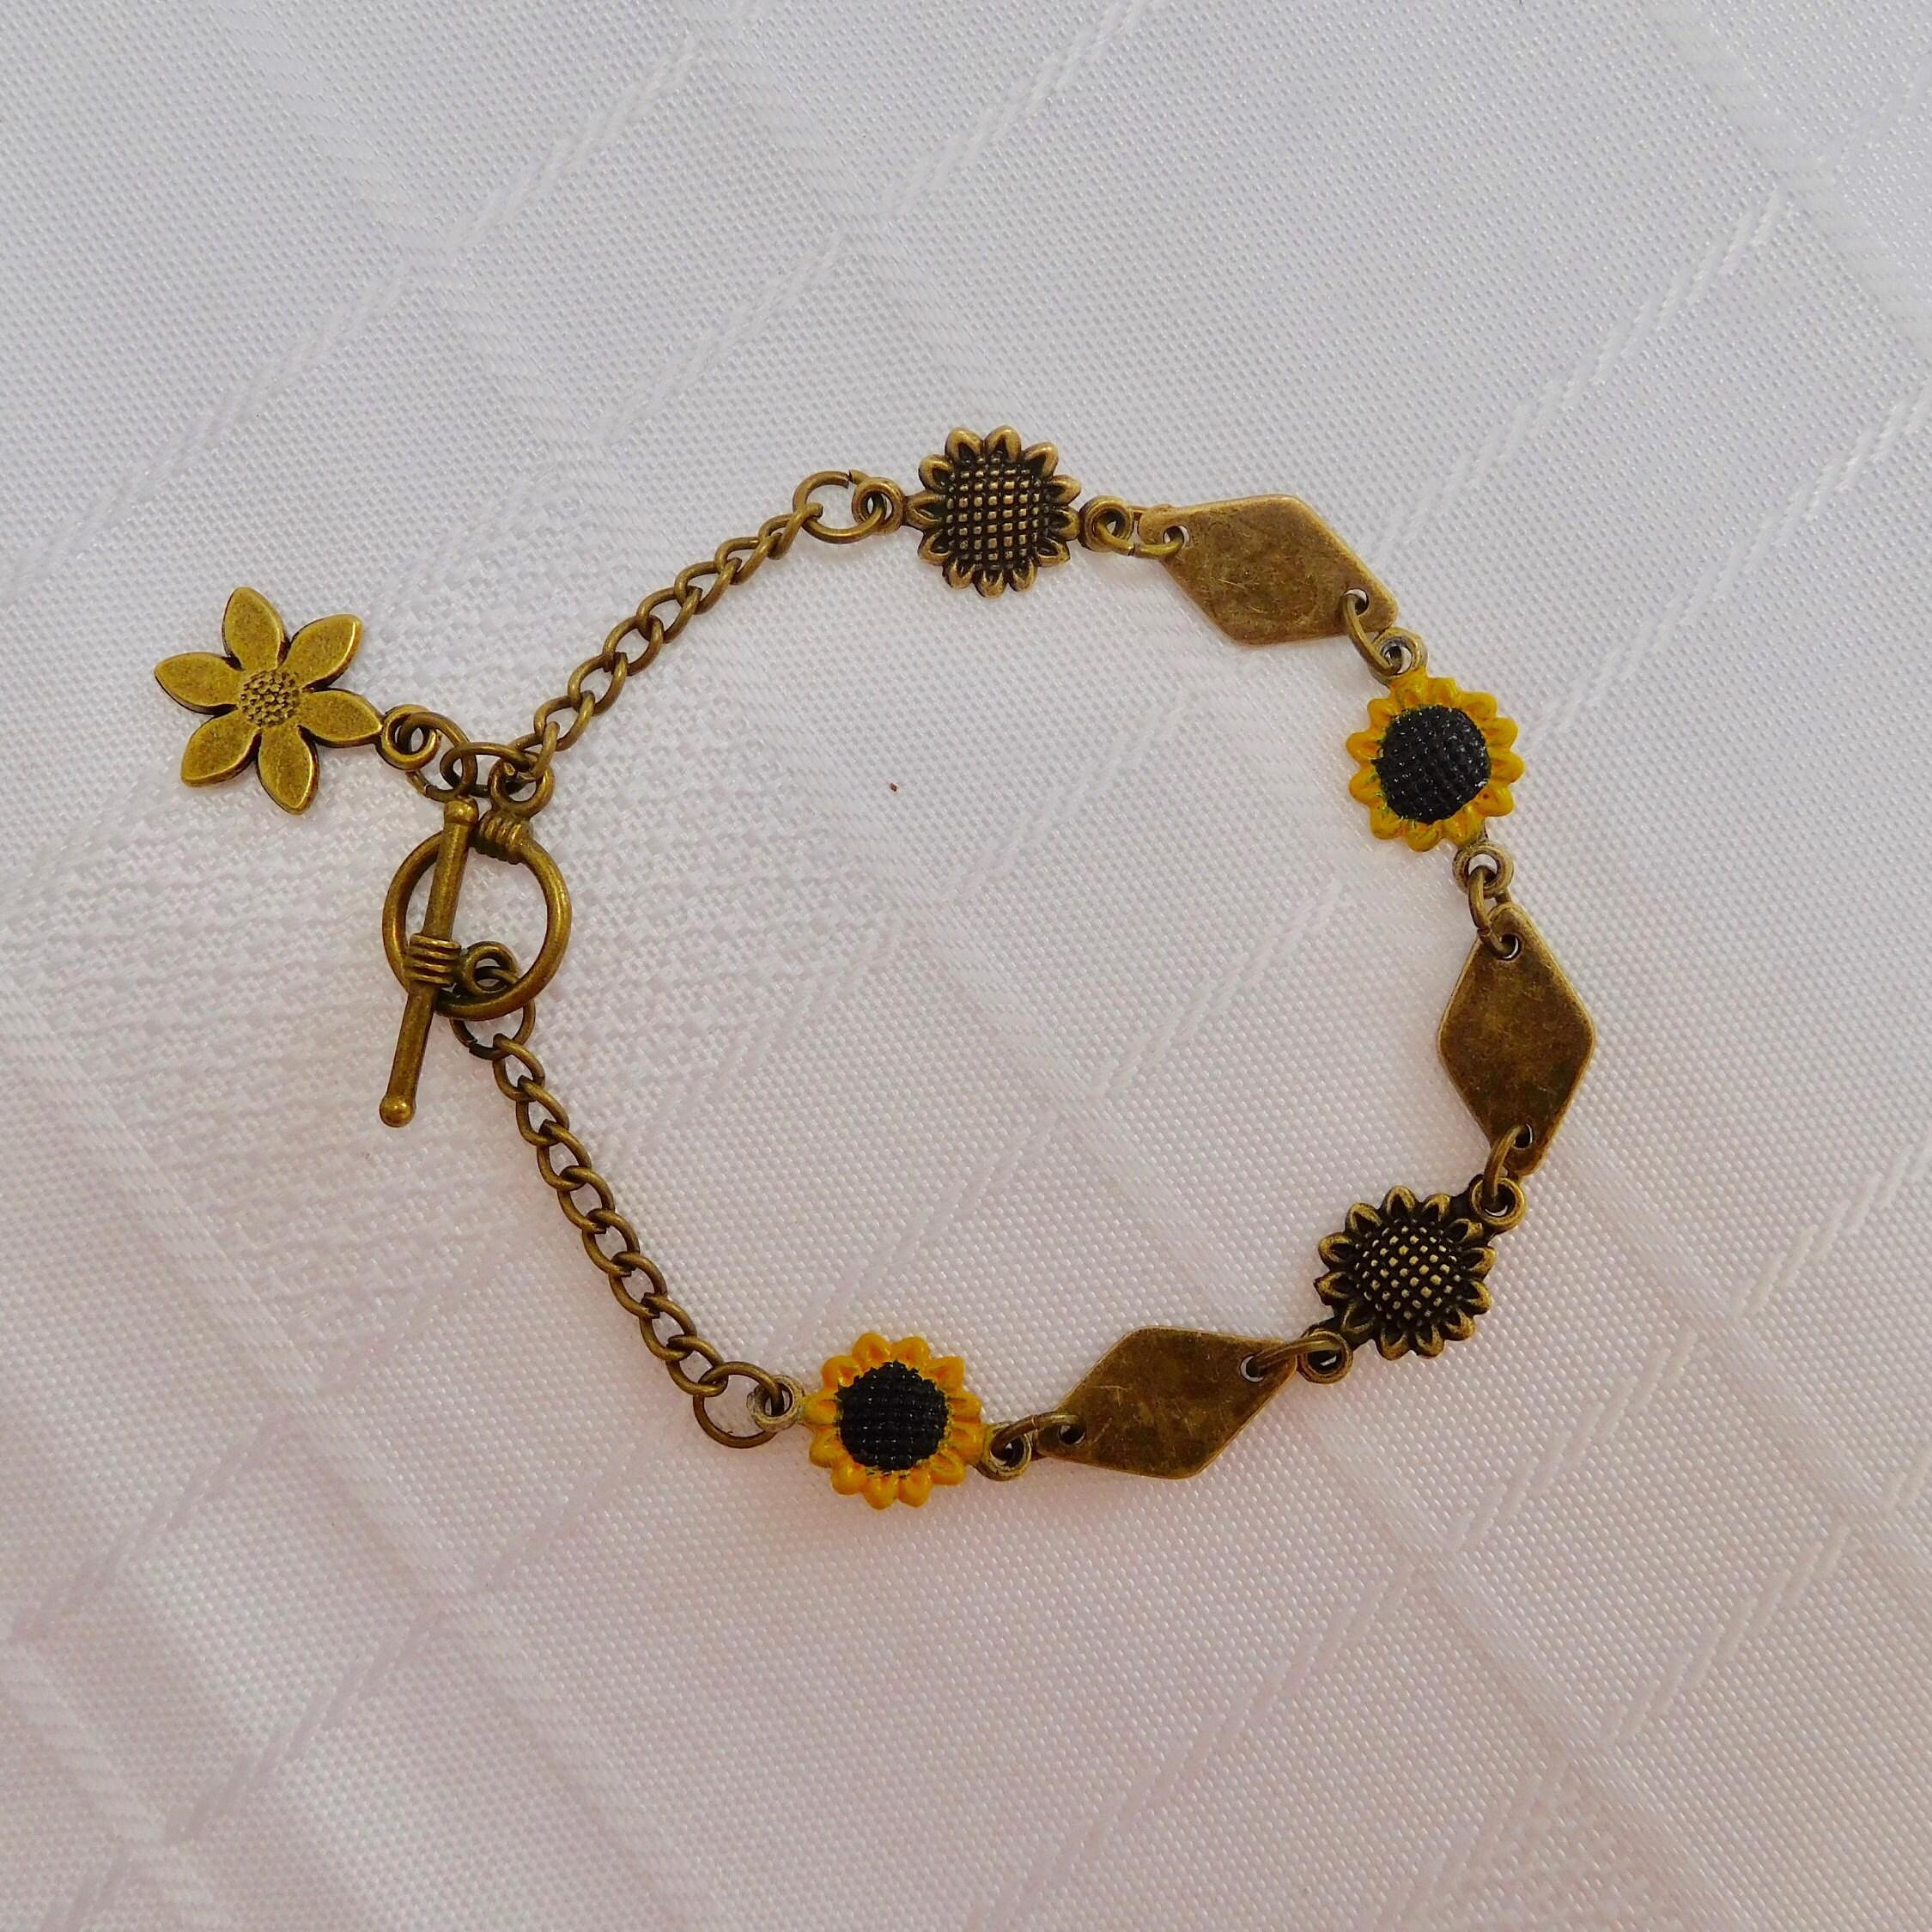 Charm Bracelet - SUNFLOWER AyYZVb